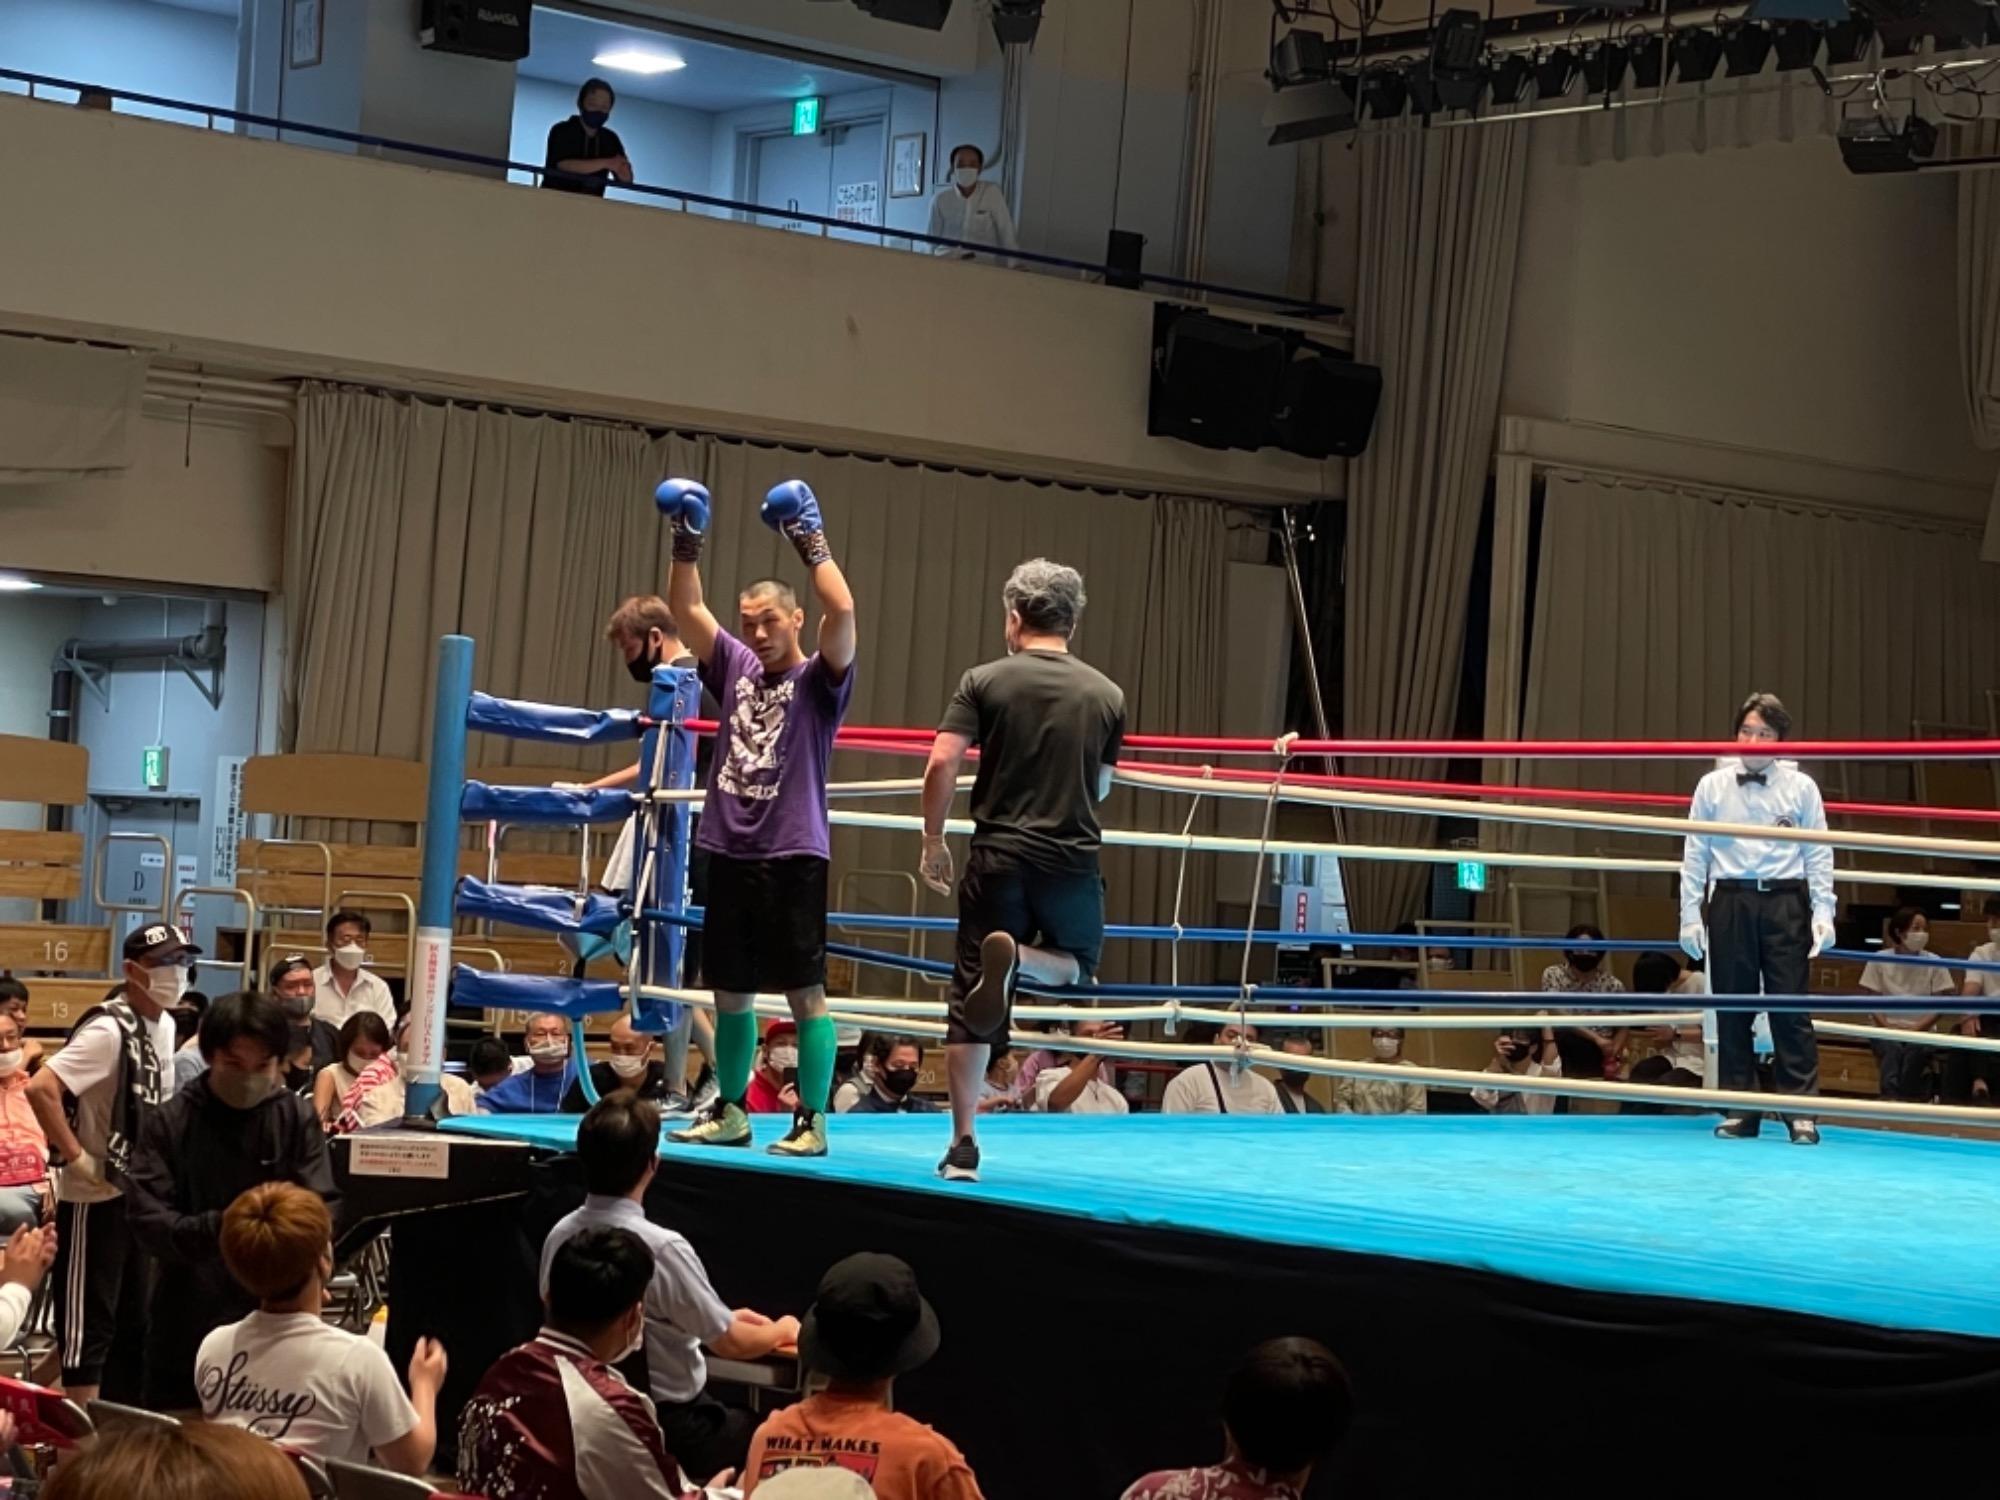 スタッフYUYAのボクシング観戦記3R 画像1 rsc products公式ウェブサイト